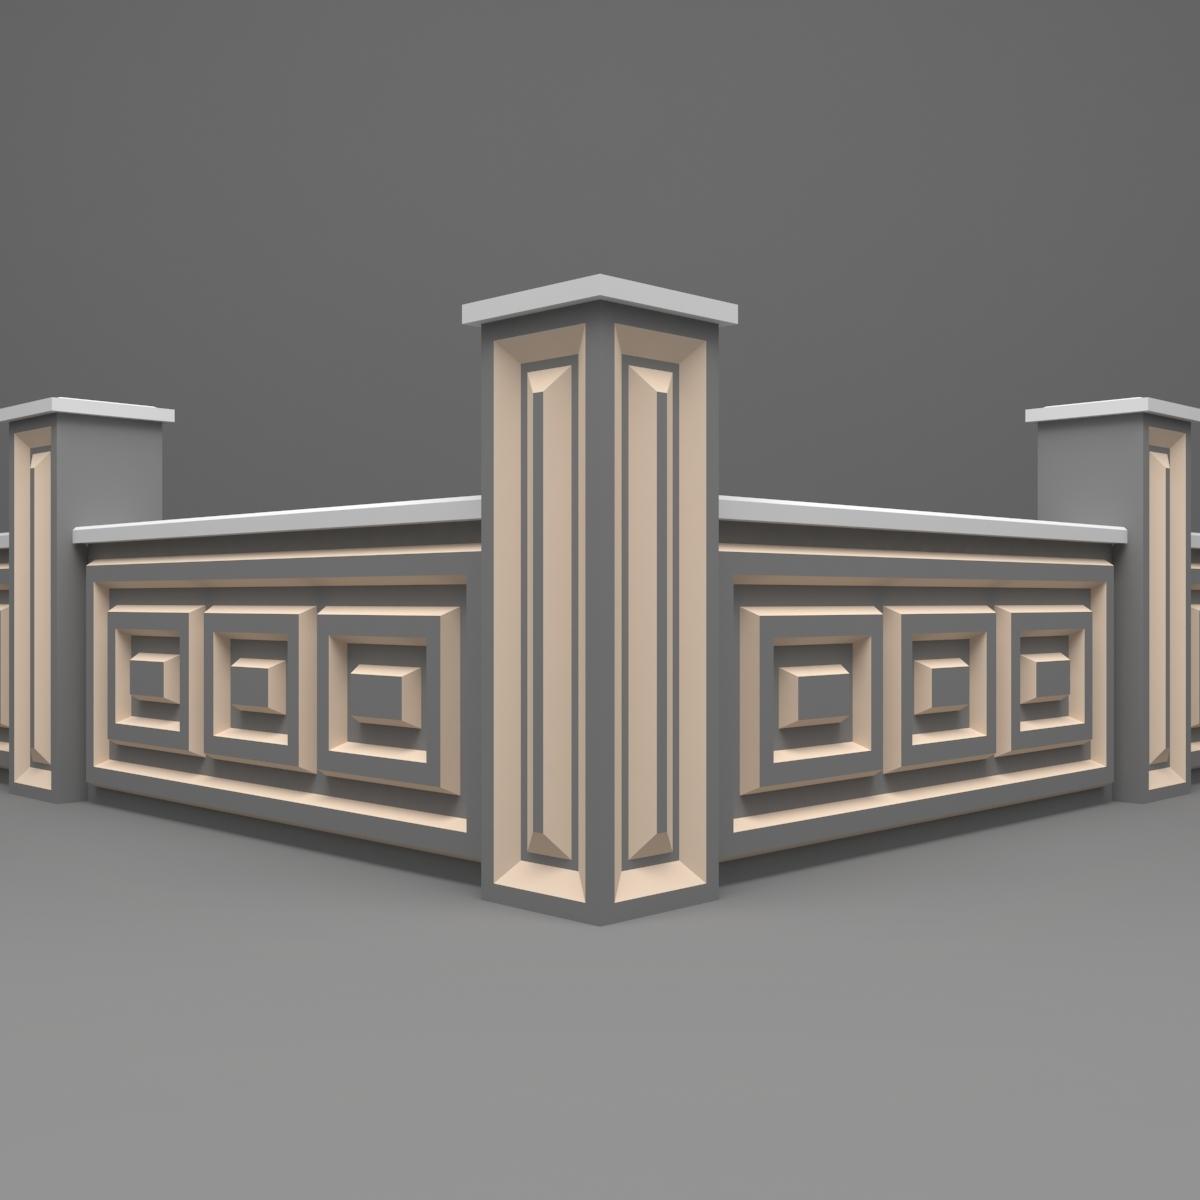 Architecte Jardin 3D Gratuit modèle 3d de clôture de jardin gratuit - turbosquid 1222105